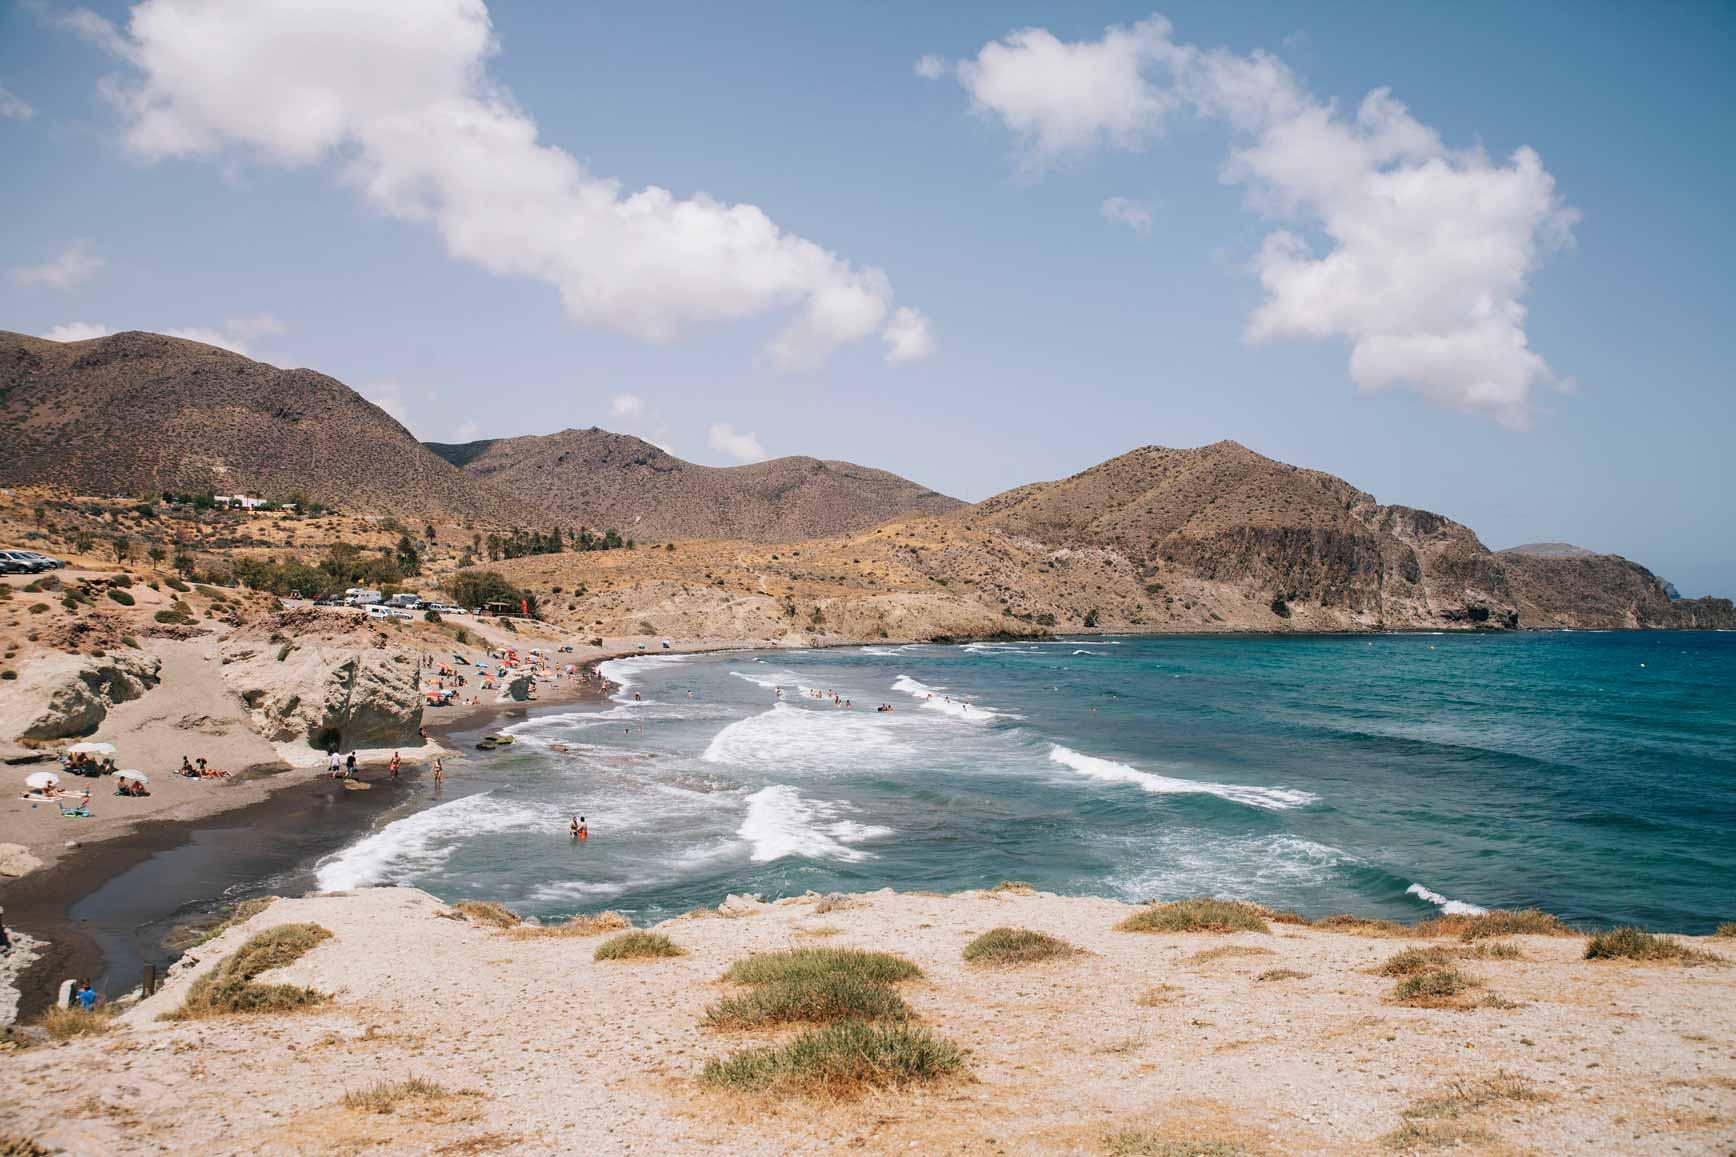 Cabo de Gata_claraBmartin_02